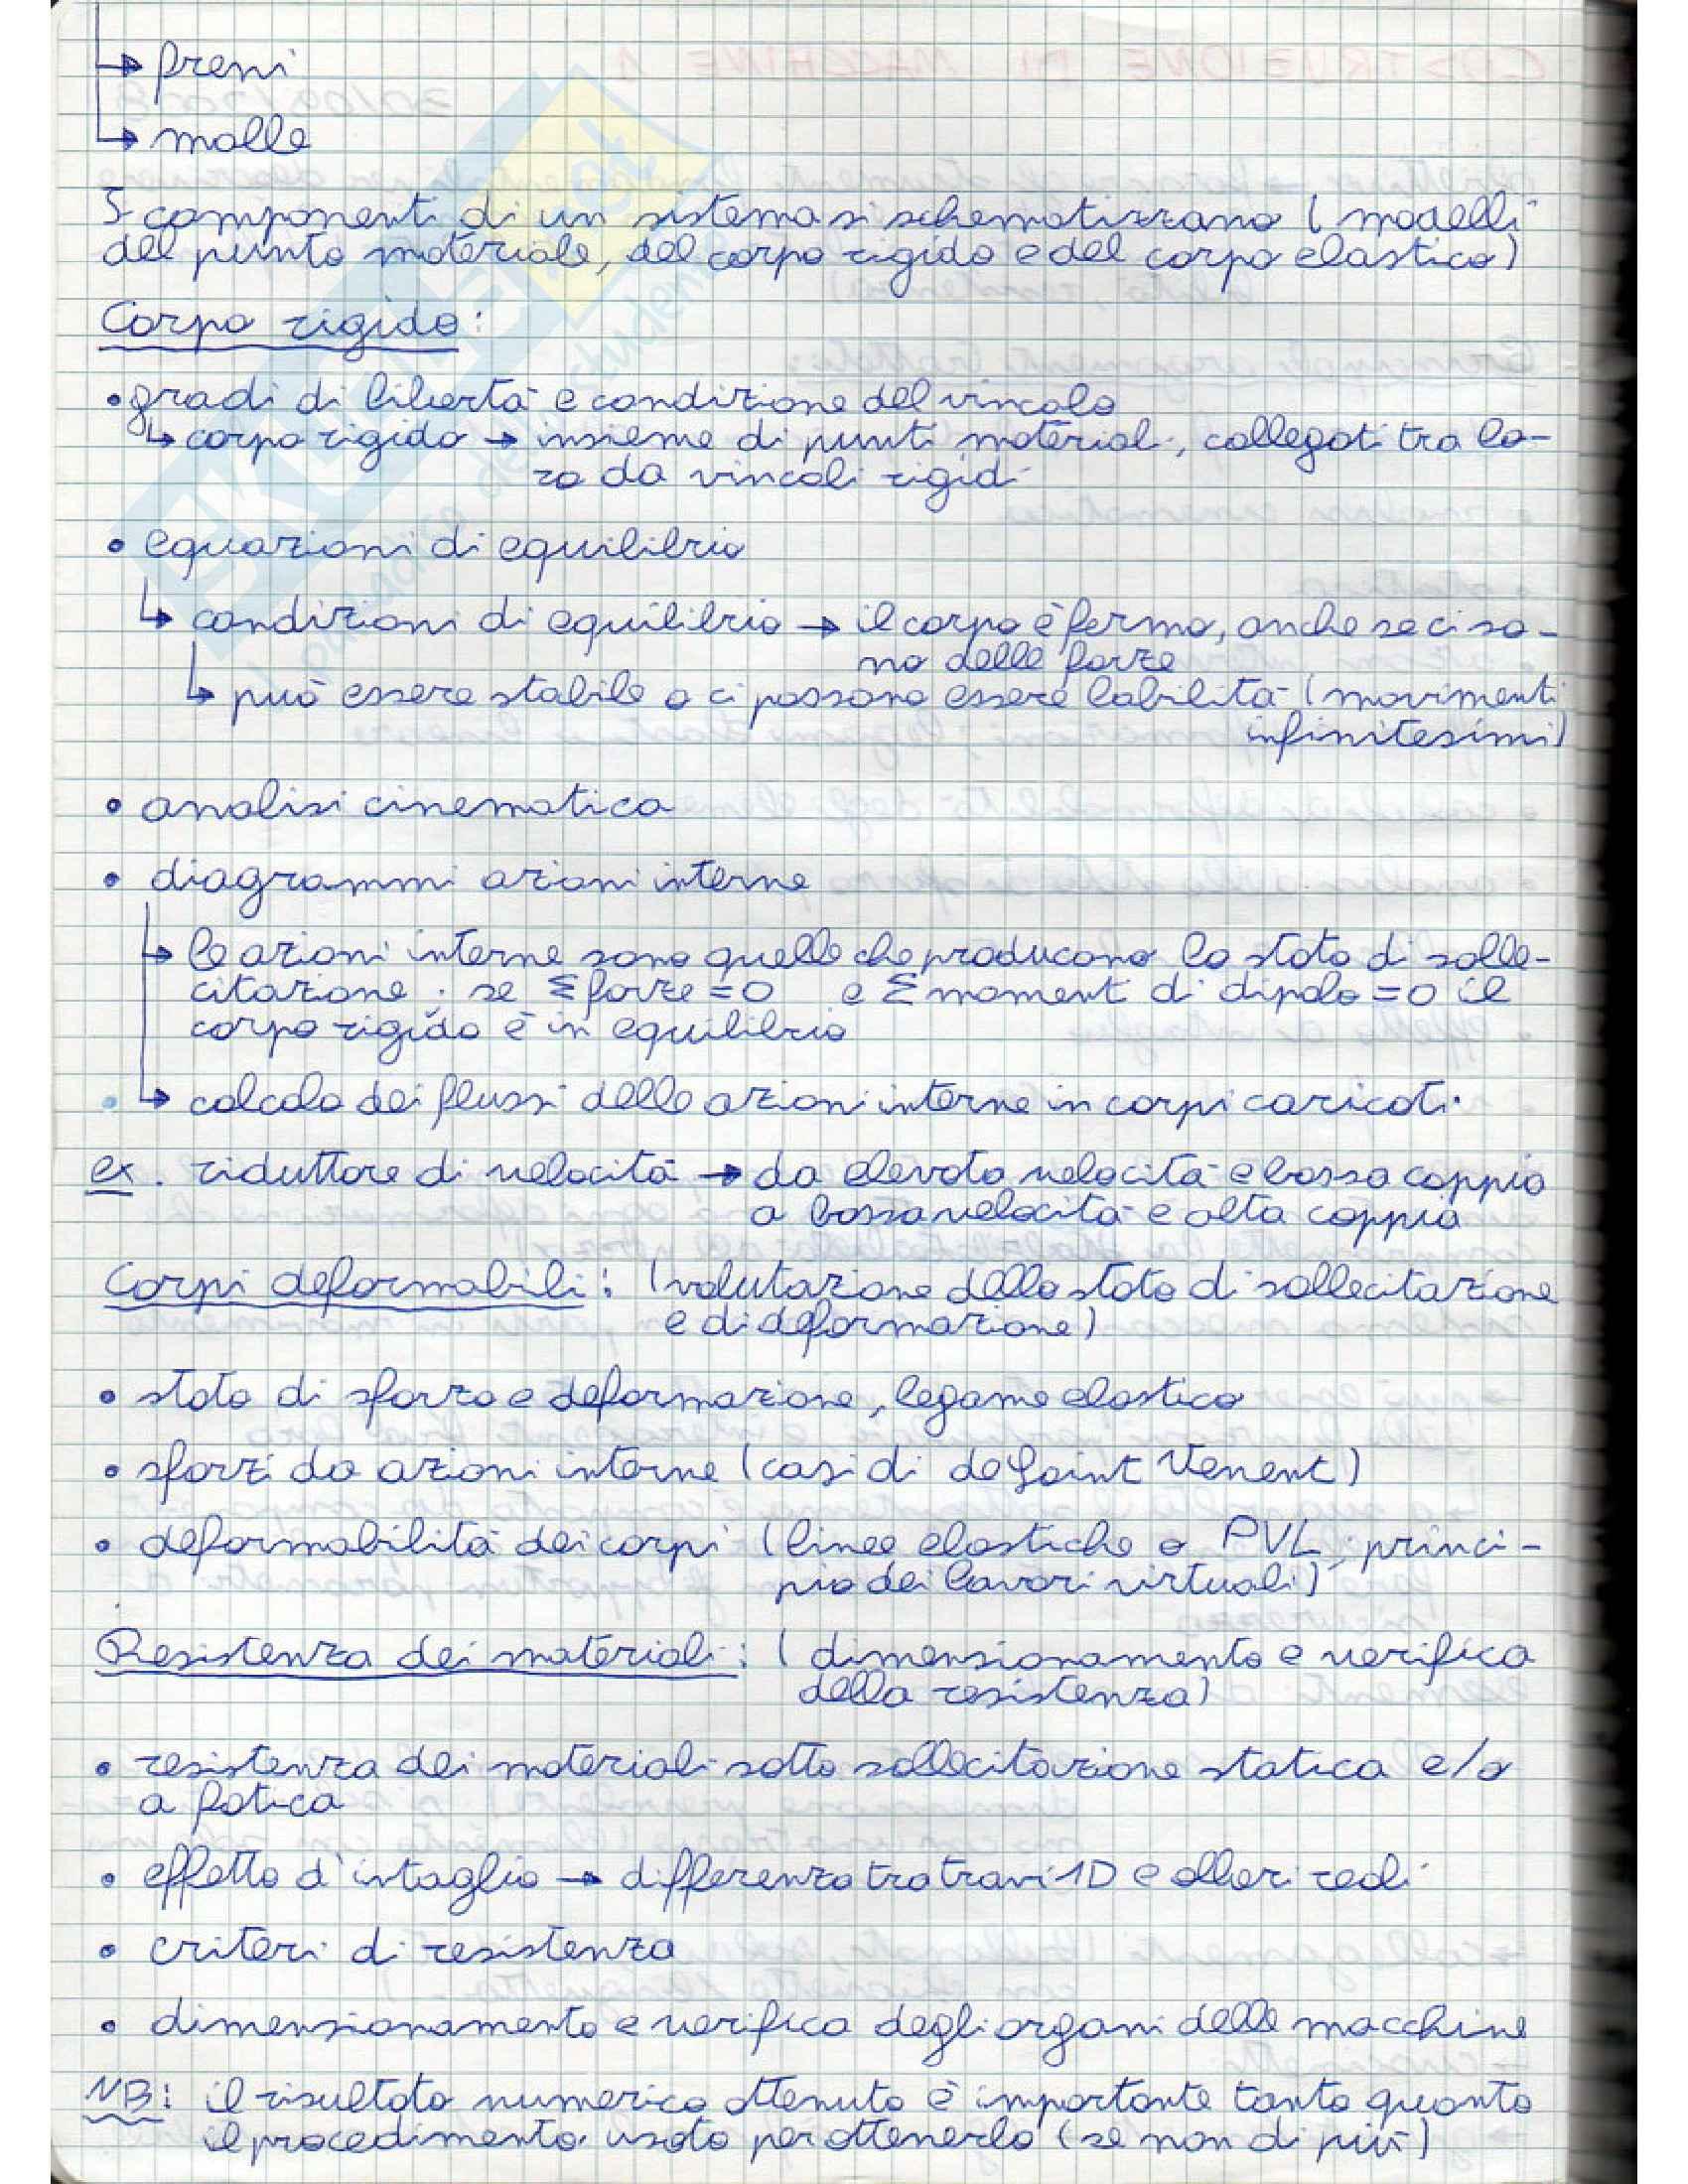 Costruzione di macchine 1 - Appunti Pag. 2